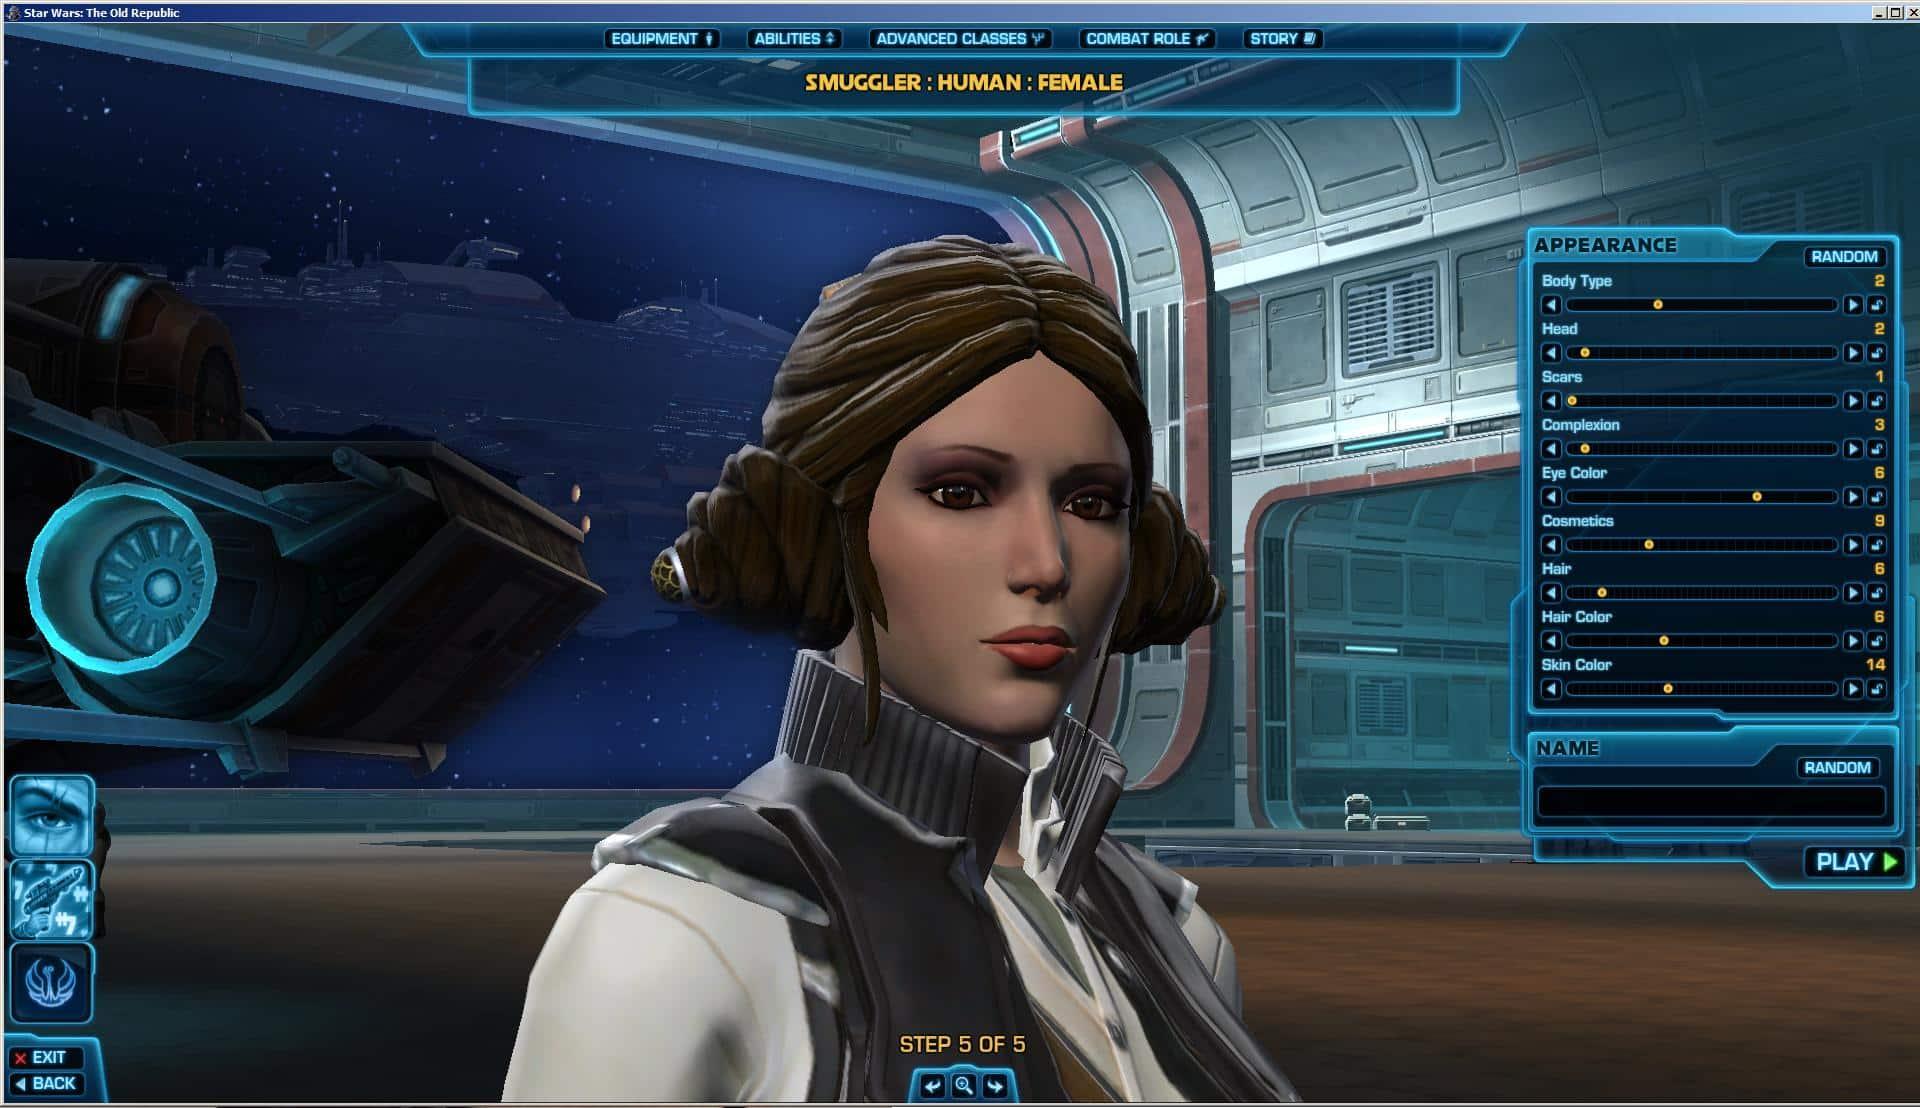 swtor Leia